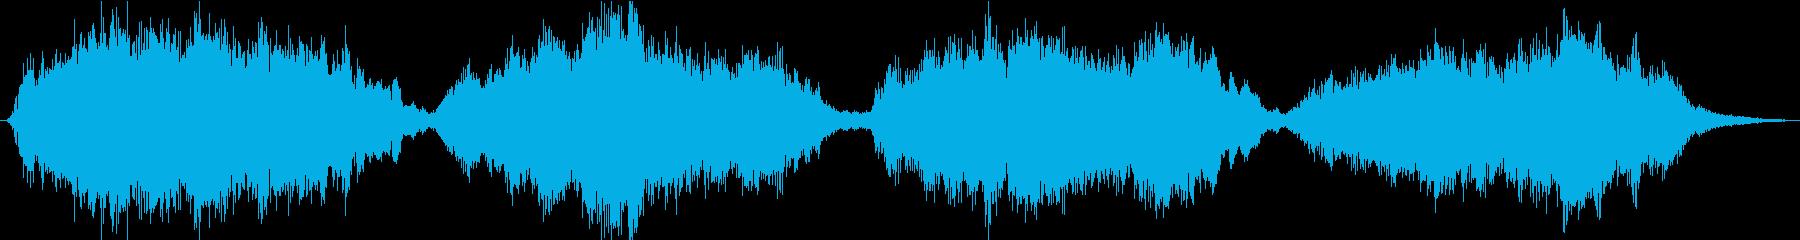 愛の歌/カーロ・ミオ・ベン/弦楽合奏の再生済みの波形